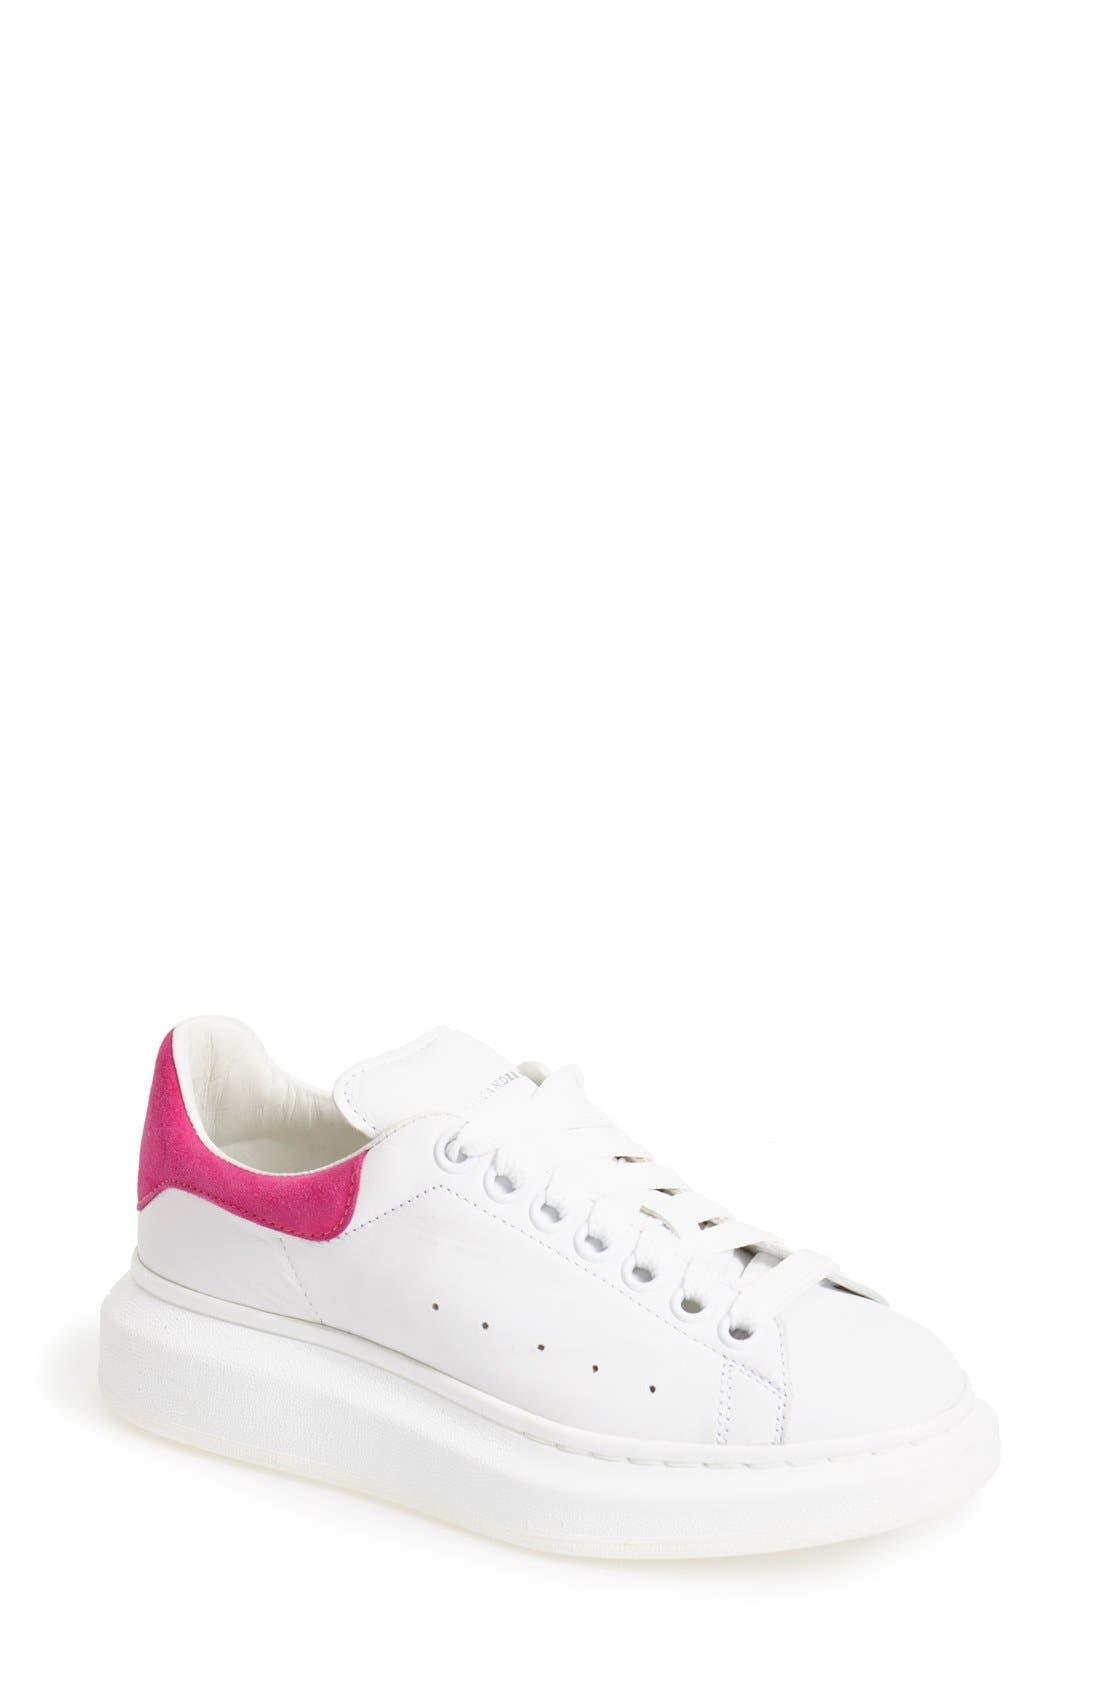 Alternate Image 1 Selected - Alexander McQueen Sneaker (Women)